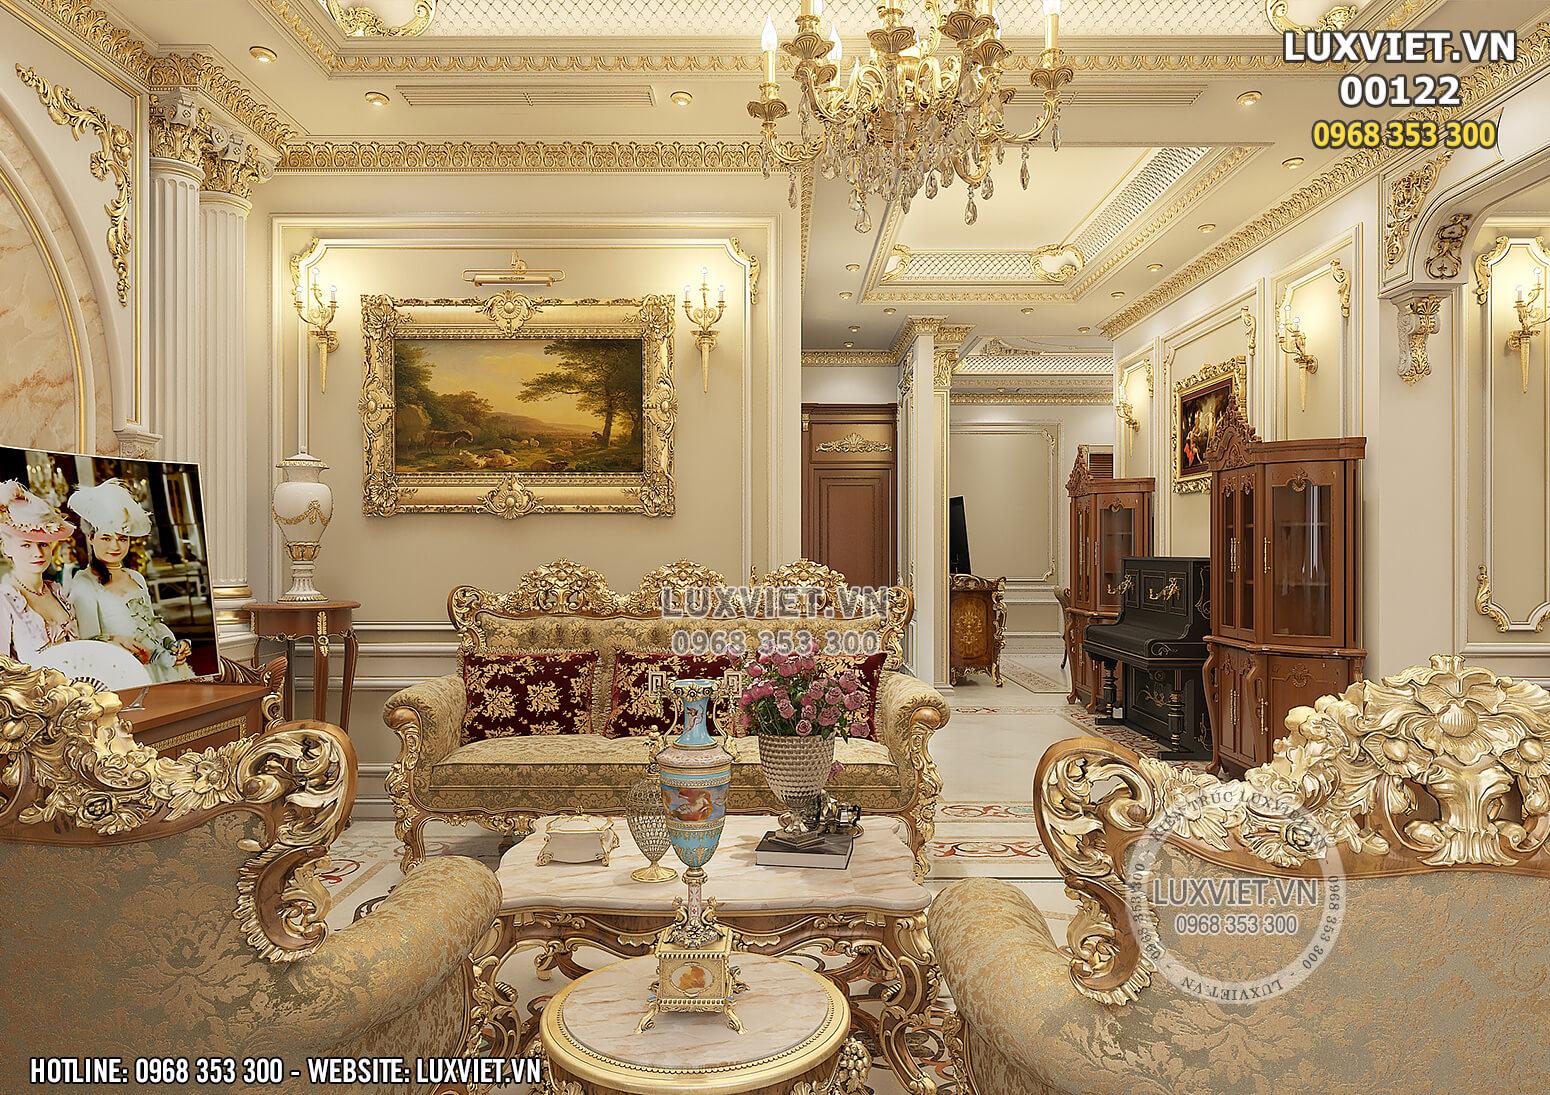 Hình ảnh: Phòng khách phong cách hoàng gia châu Âu - LV 00122